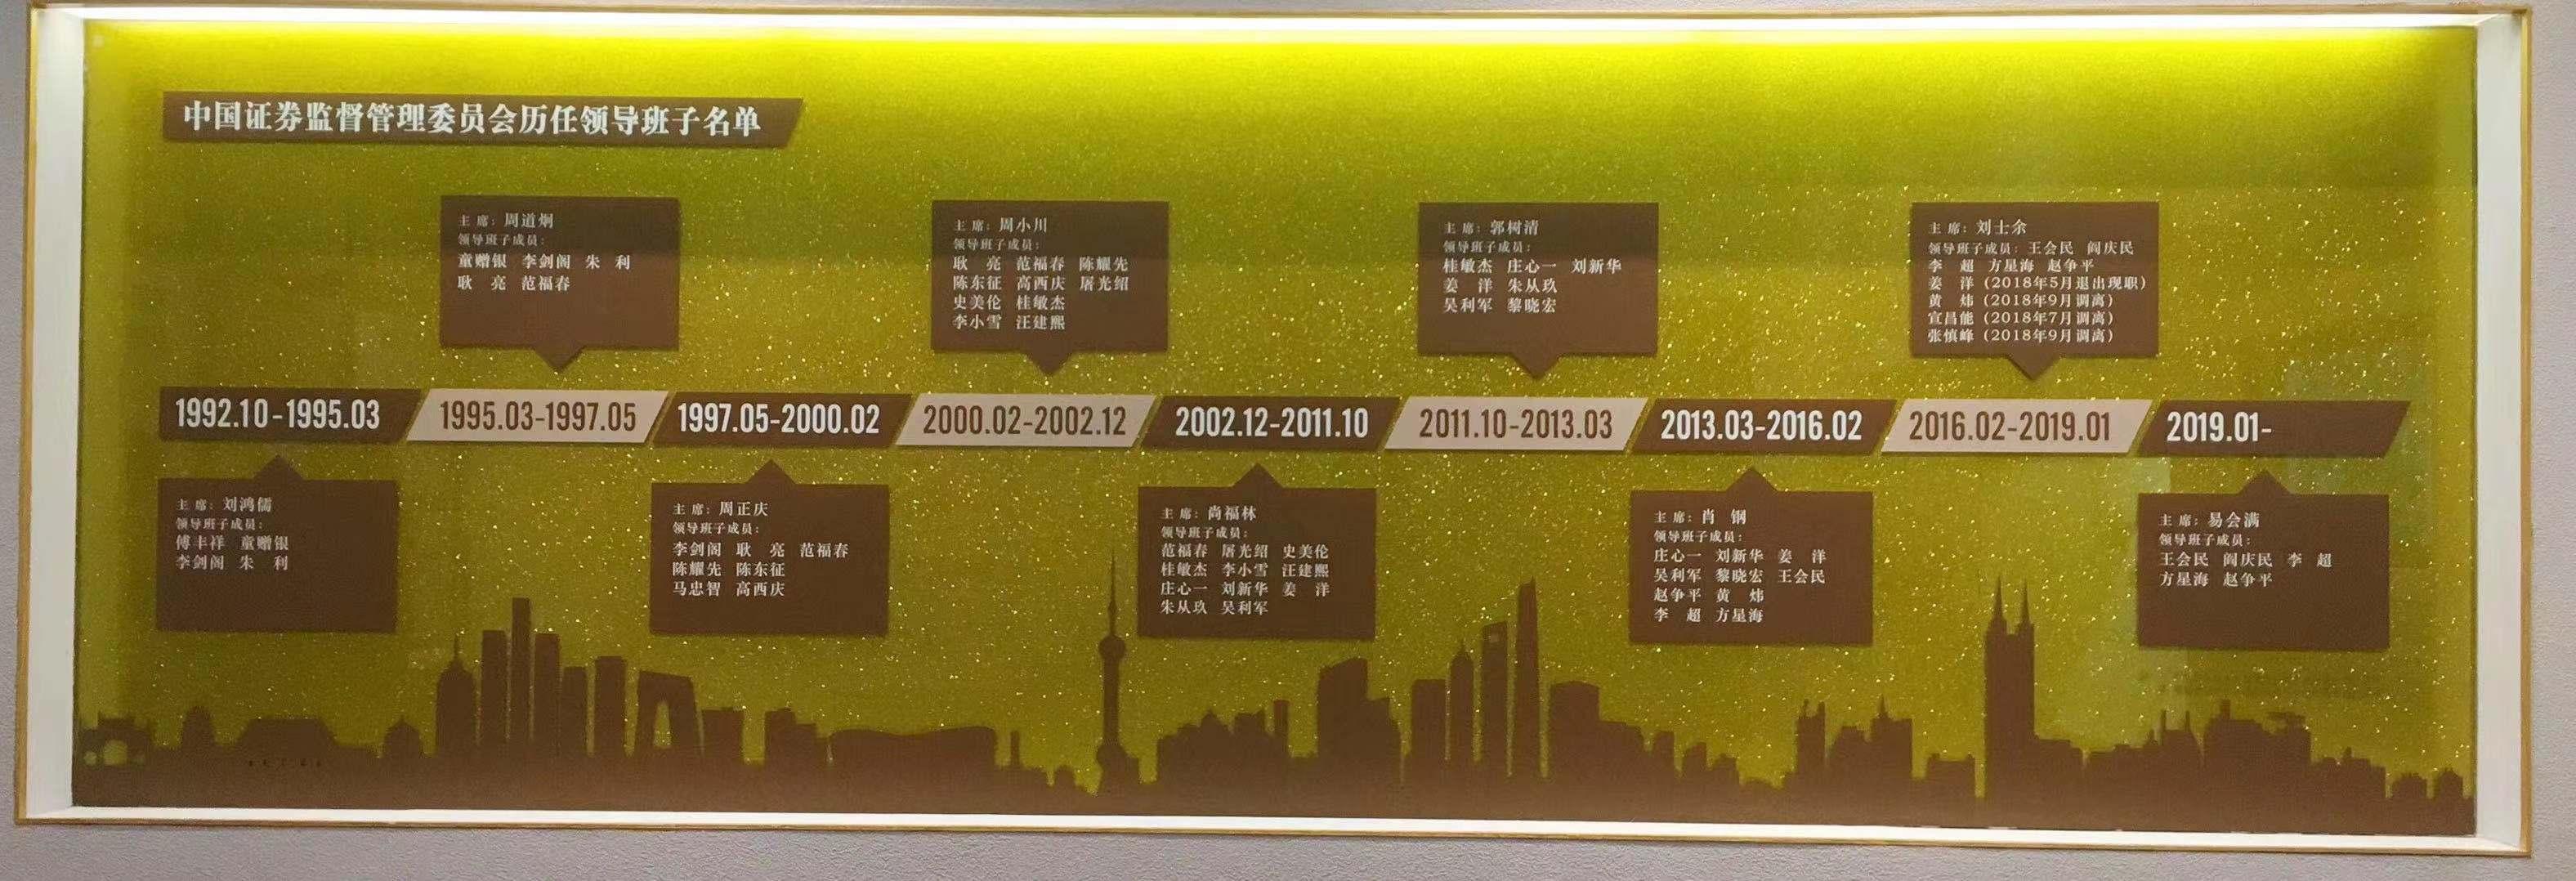 来源:第一财经记者杜卿卿摄于中国证券博物馆,2019年